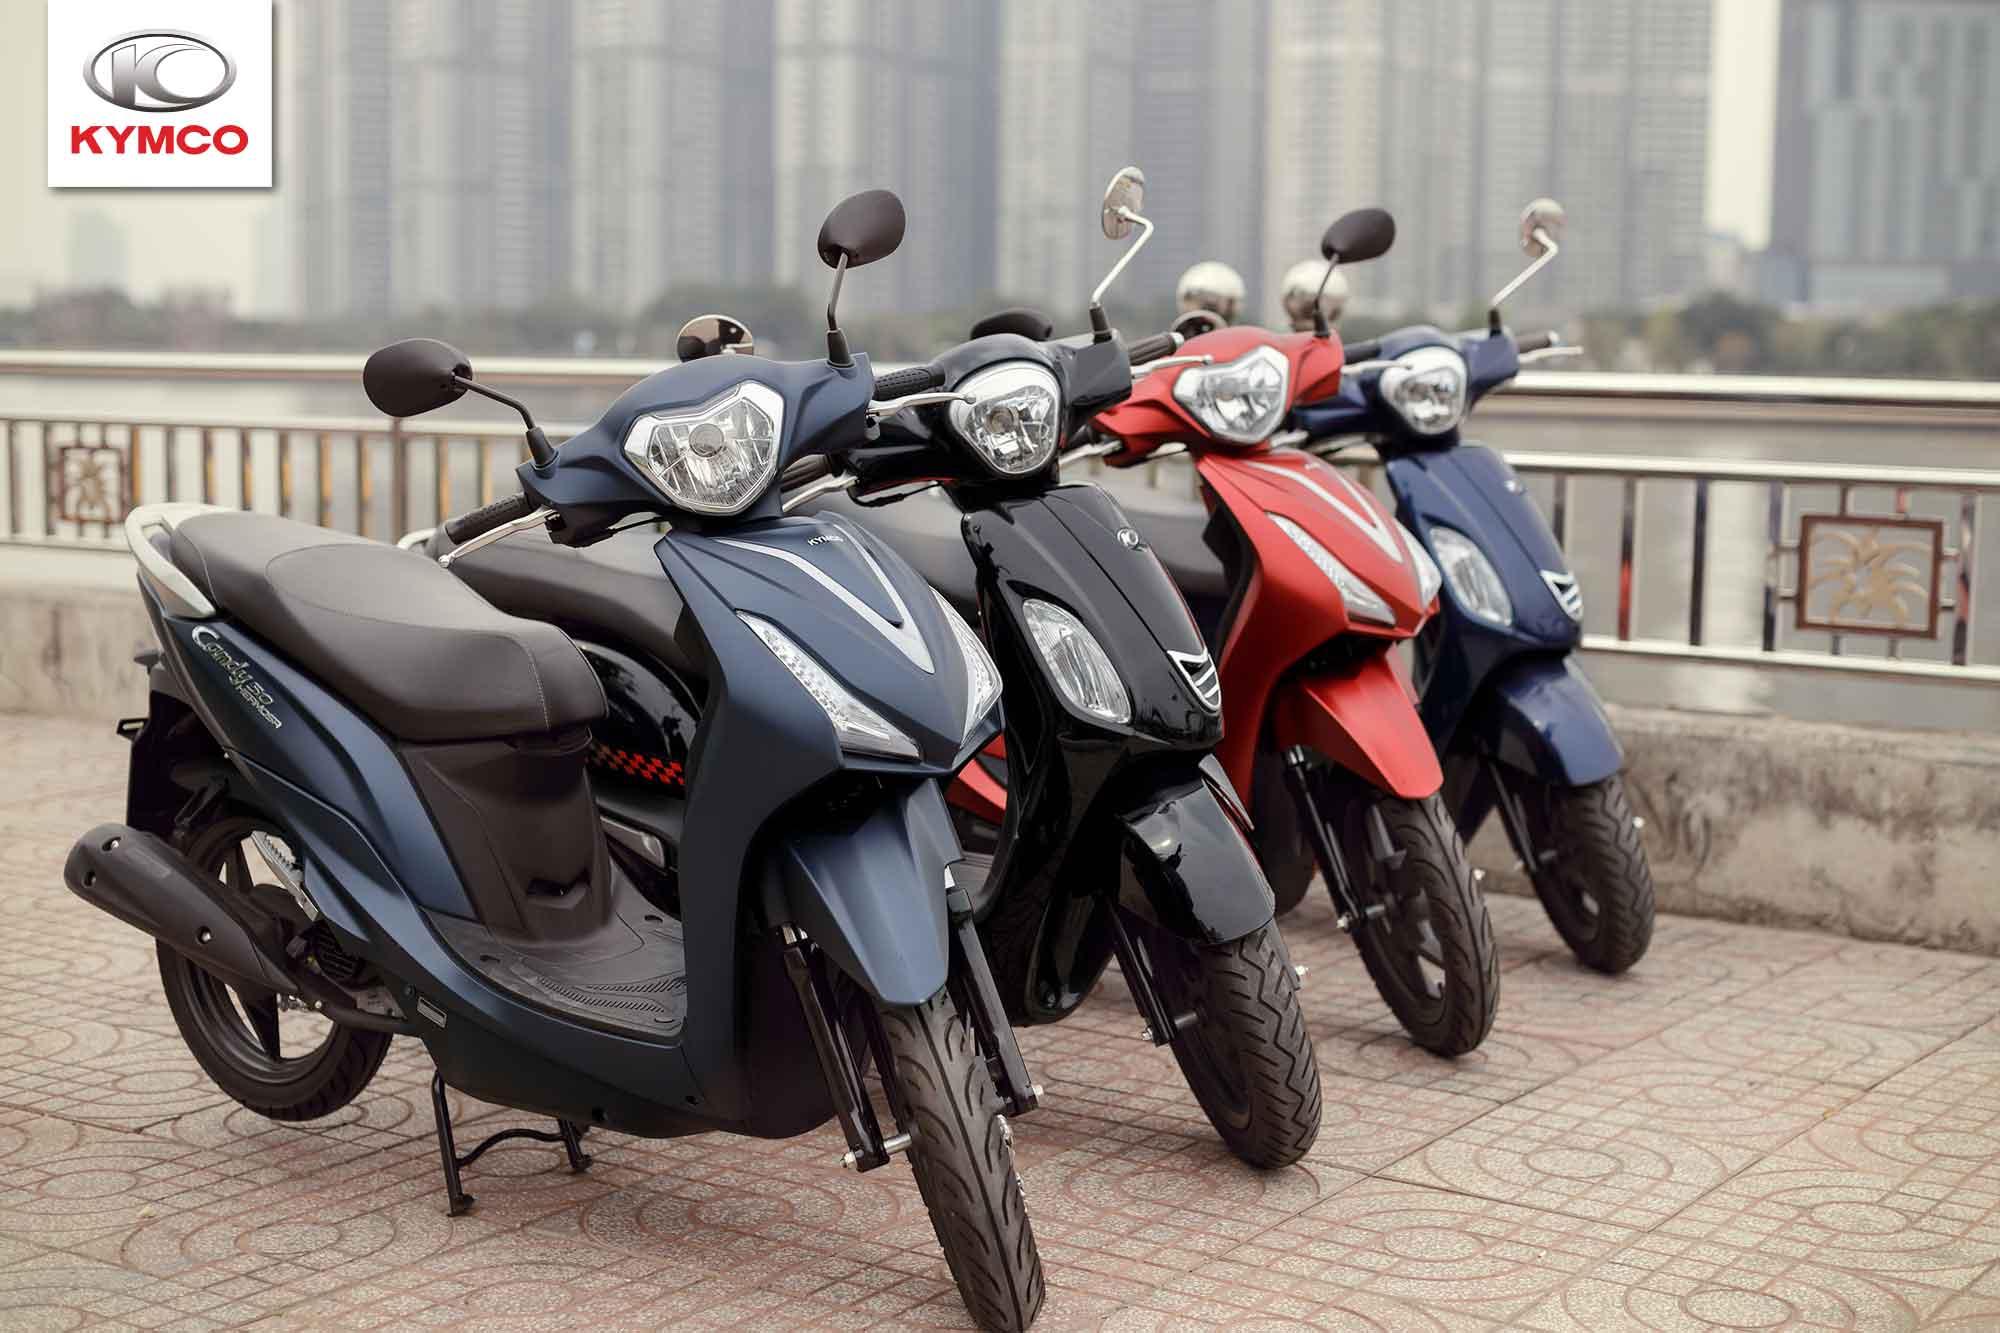 Xe máy Kymco với sản phẩm đa dạng hơn về mẫu mã cùng như giá thành